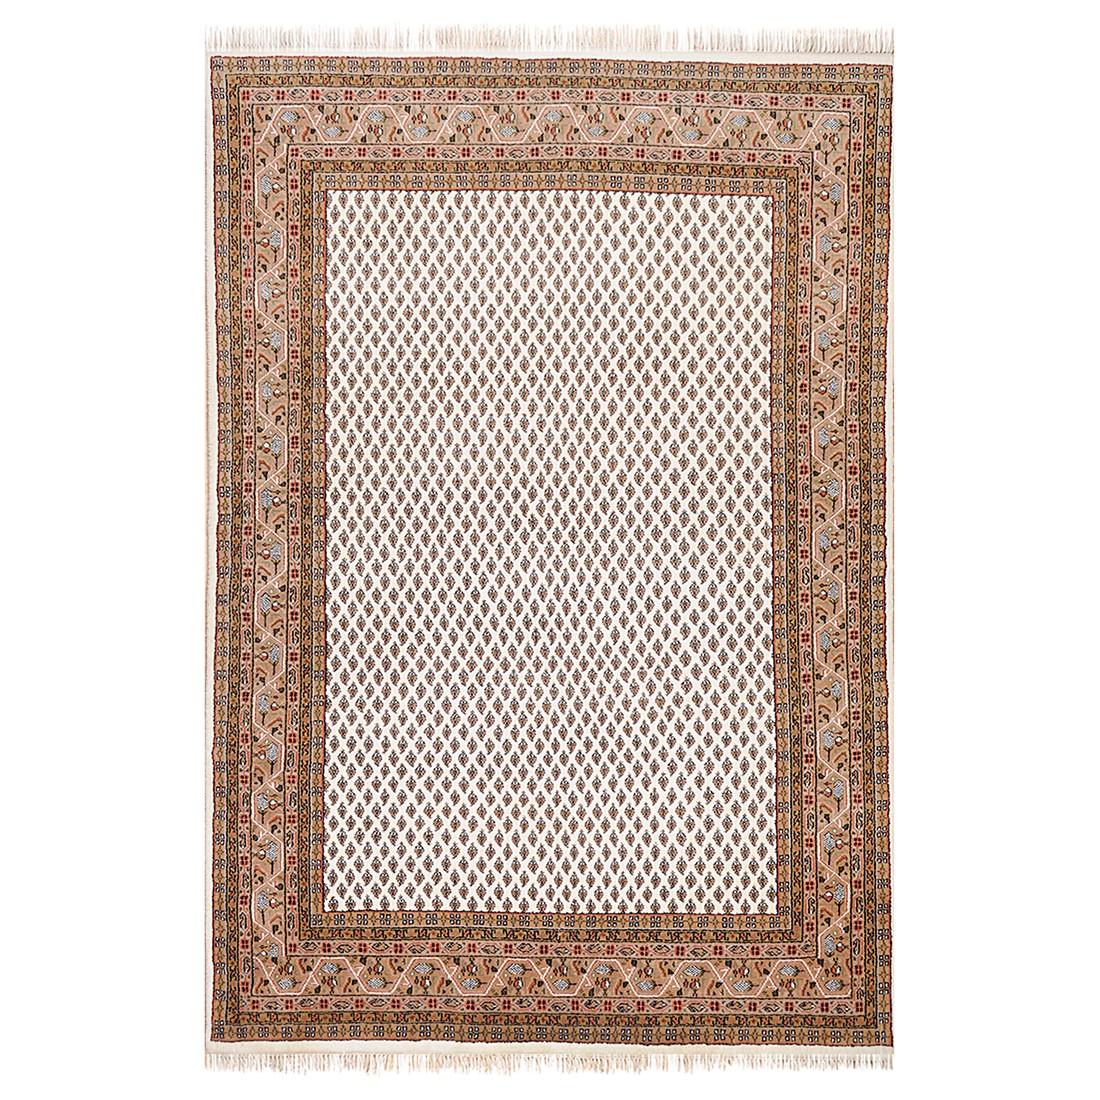 Teppich Chandi Mir – Wolle/Creme – 200 cm x 300 cm, THEKO die markenteppiche bestellen